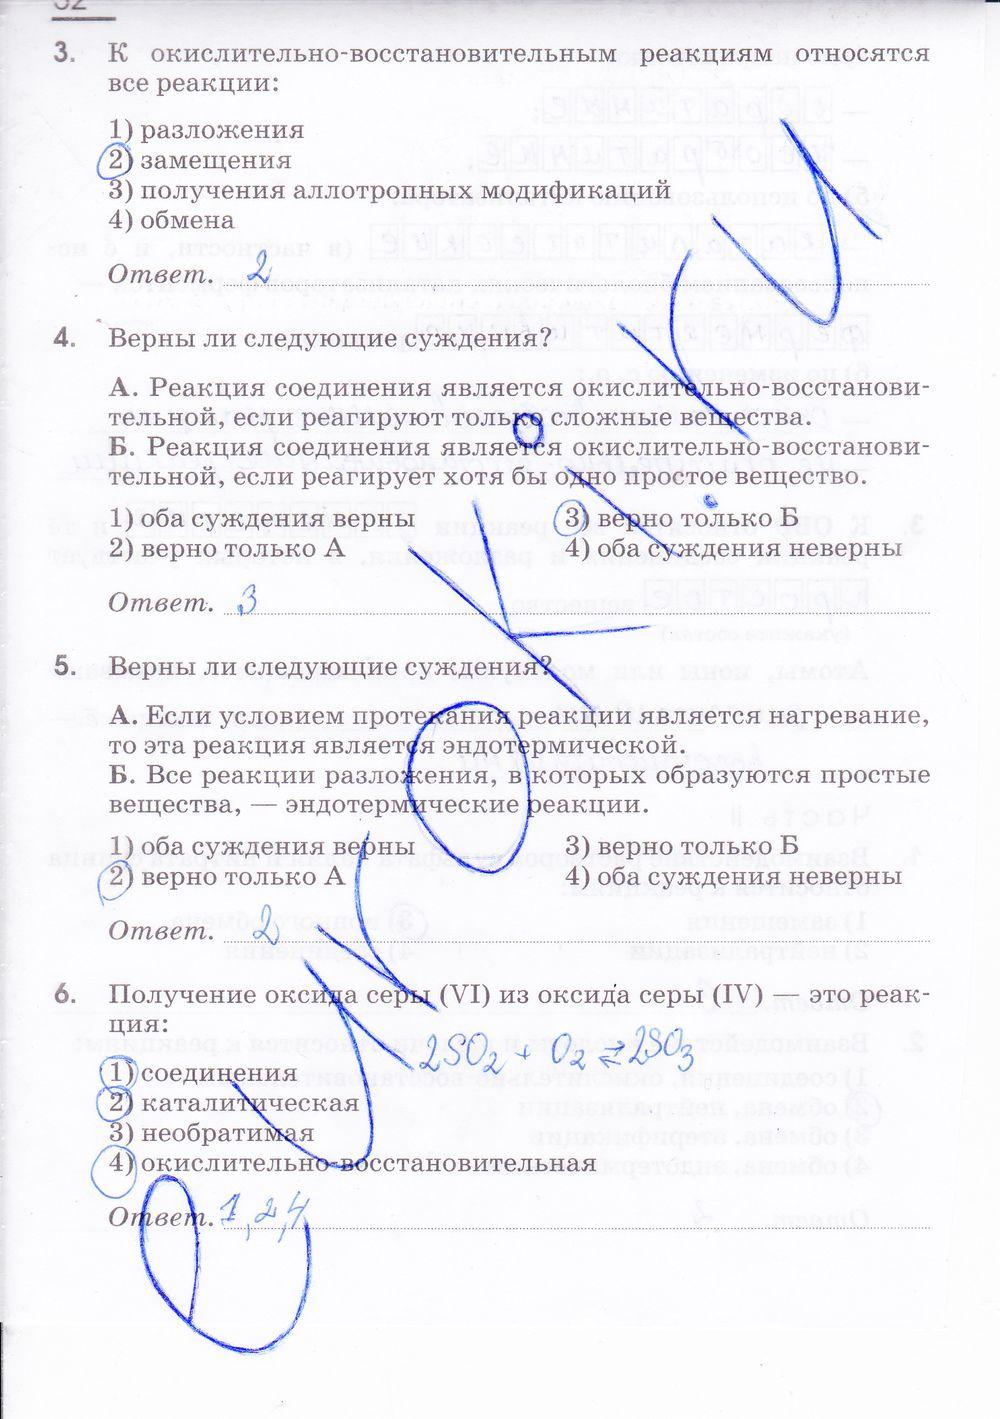 Поурочные разработки по географии россии 8 класс грушина скачать бесплатно